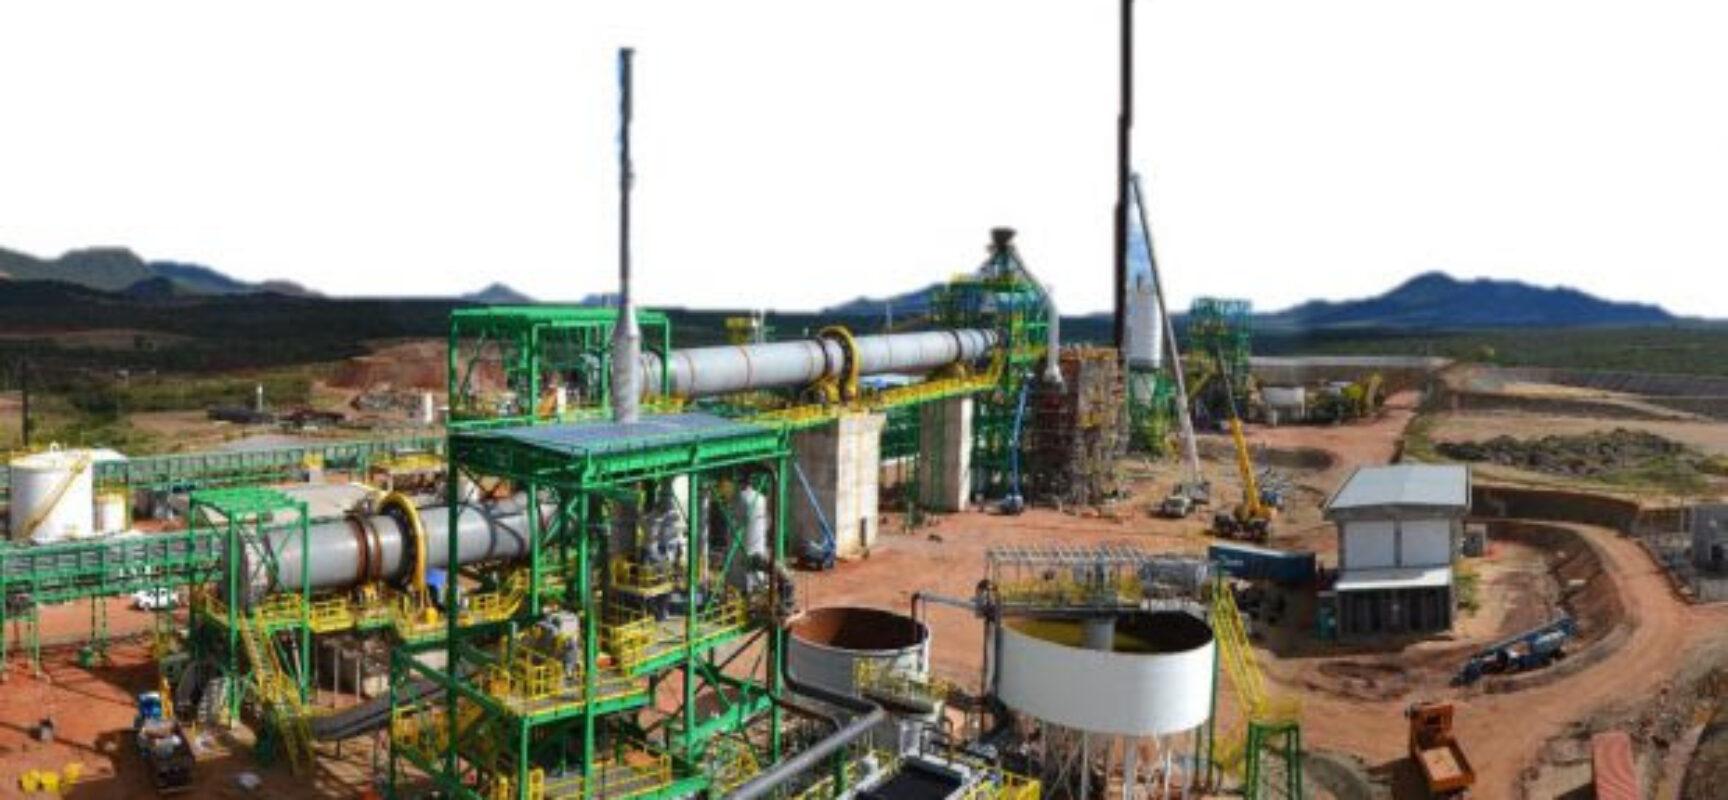 Mineração impulsiona desenvolvimento socioeconômico no interior do estado